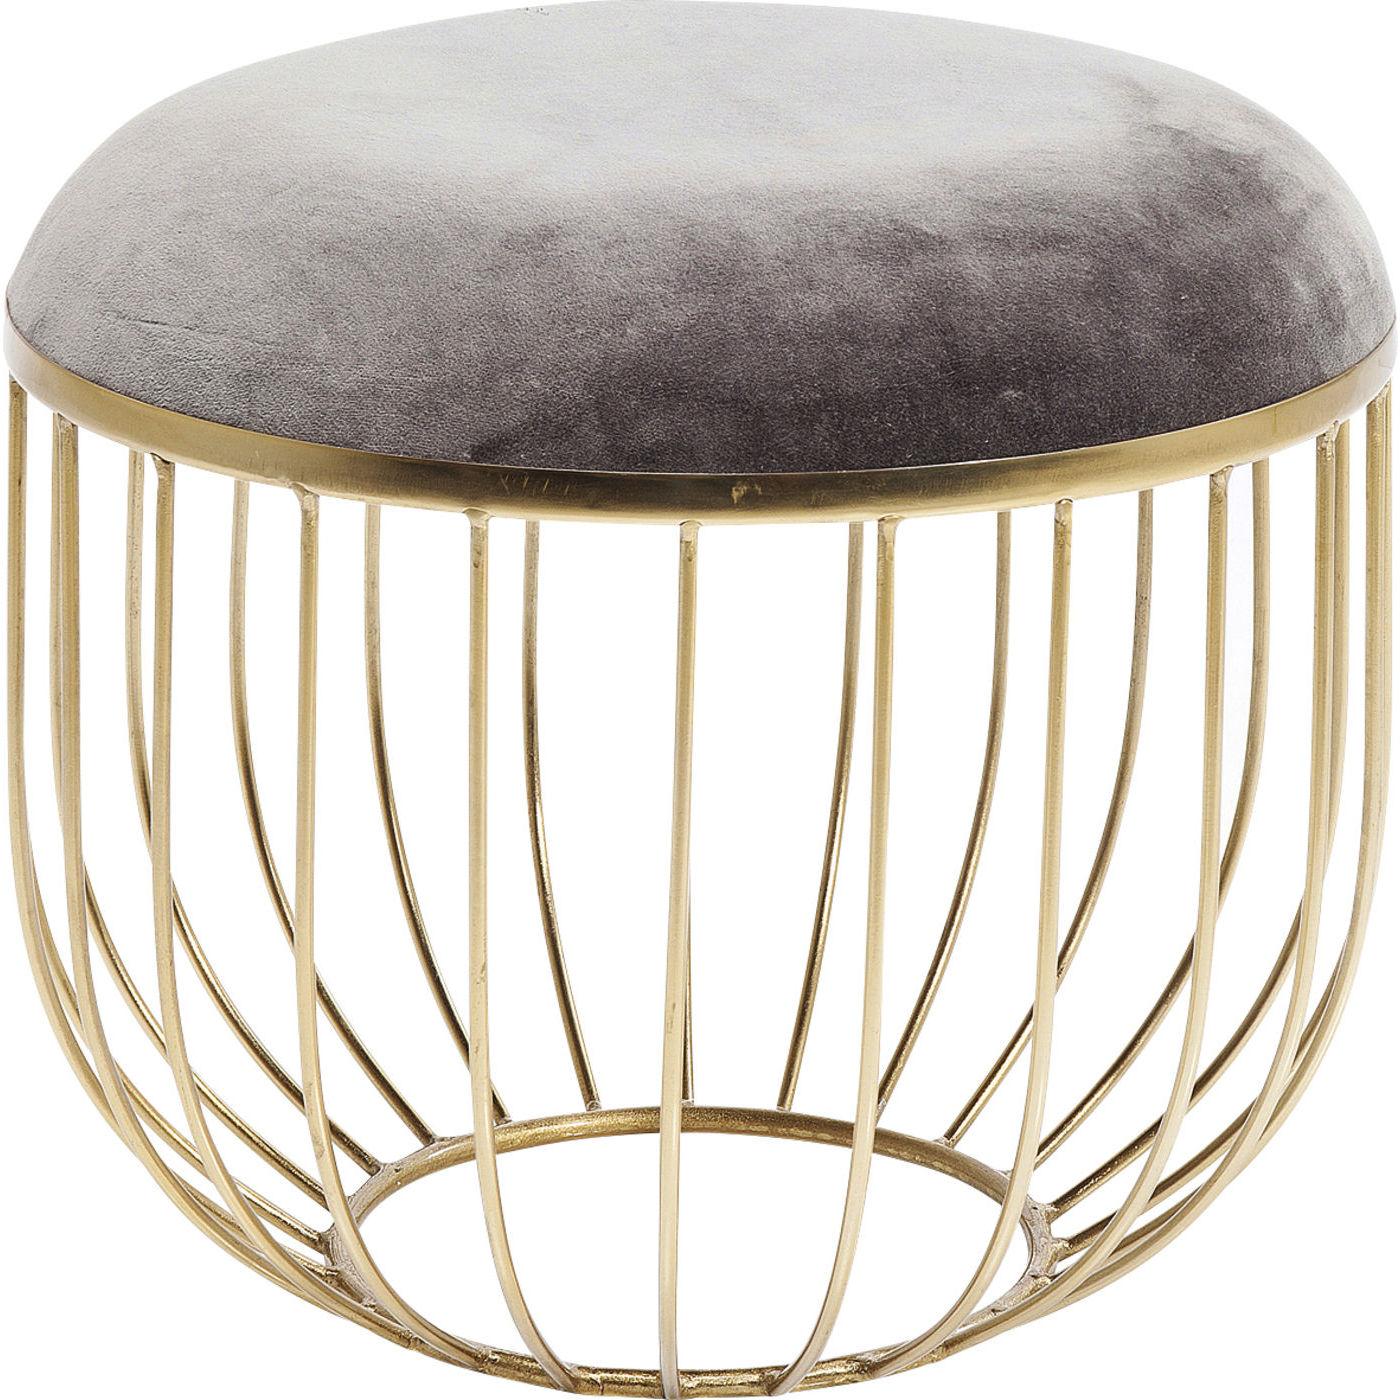 Kare design st barth taburet - grå bomuld/messing stål, rund (ø45) fra kare design på boboonline.dk